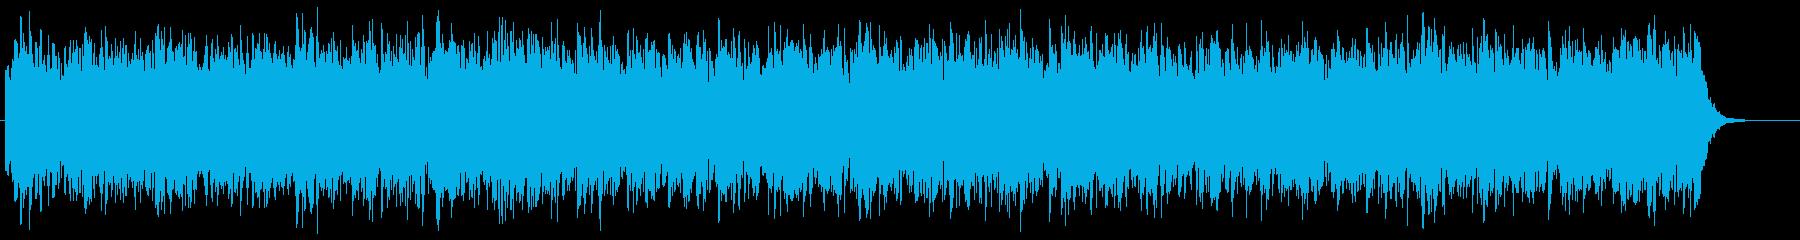 不穏な雰囲気 悪意 科学者 ミニマルの再生済みの波形